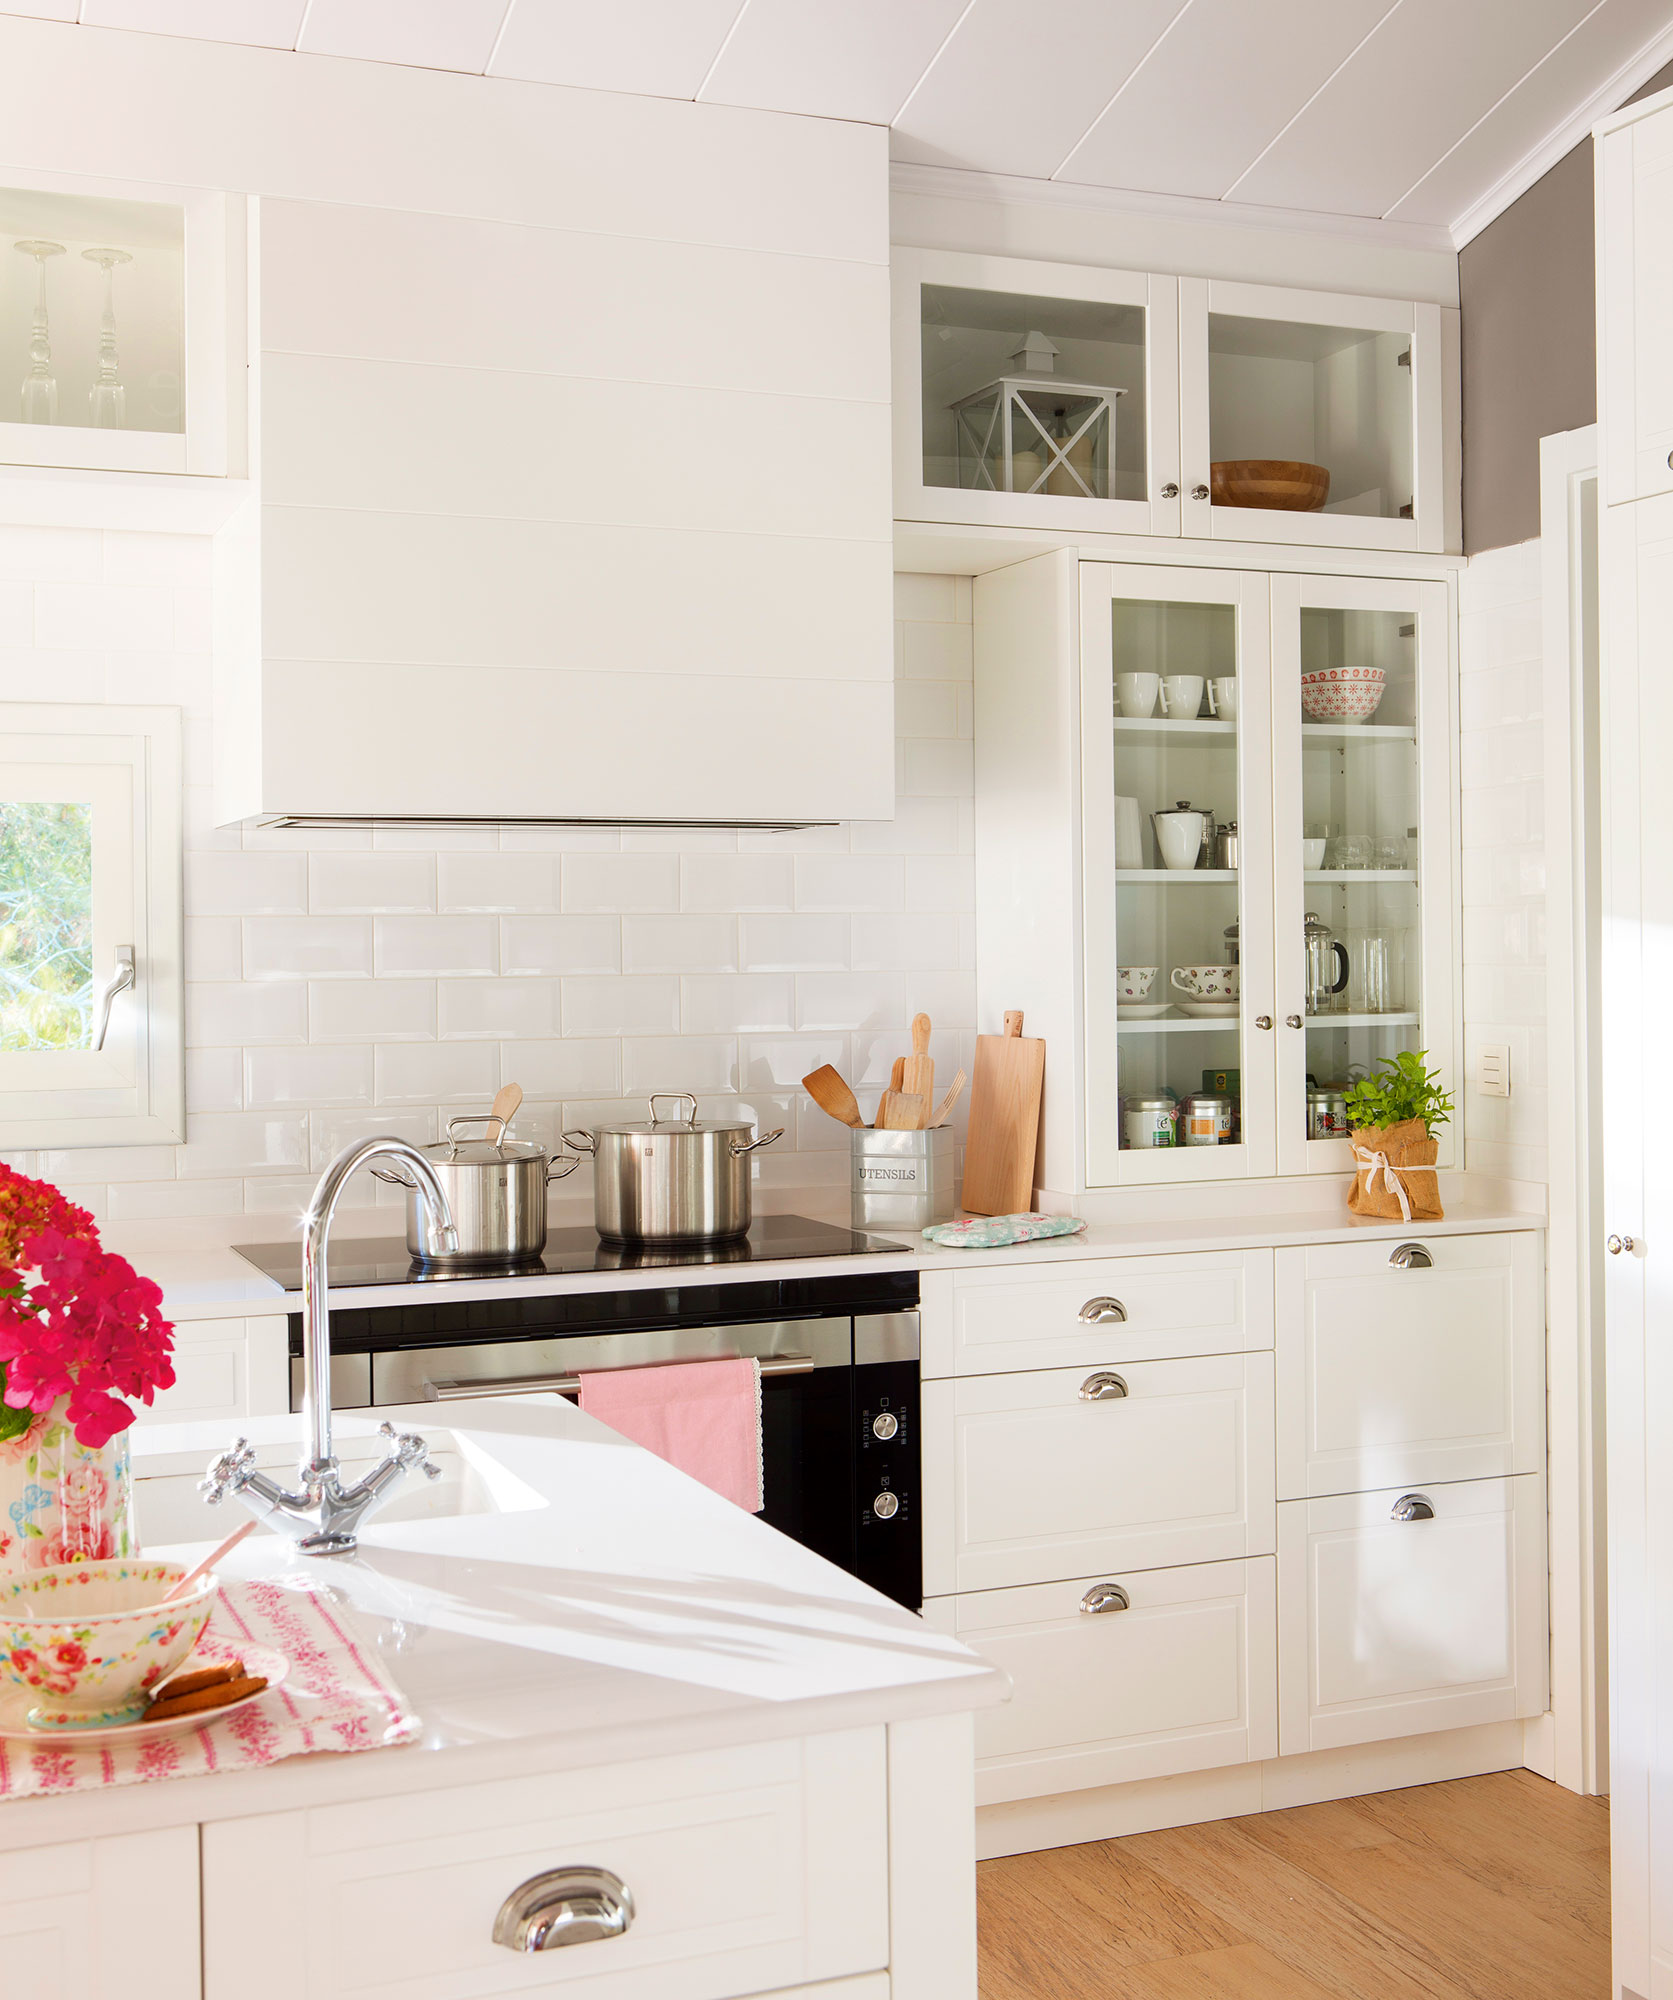 Cocinas en blanco una apuesta atemporal y muy luminosa for Baldosas cocina